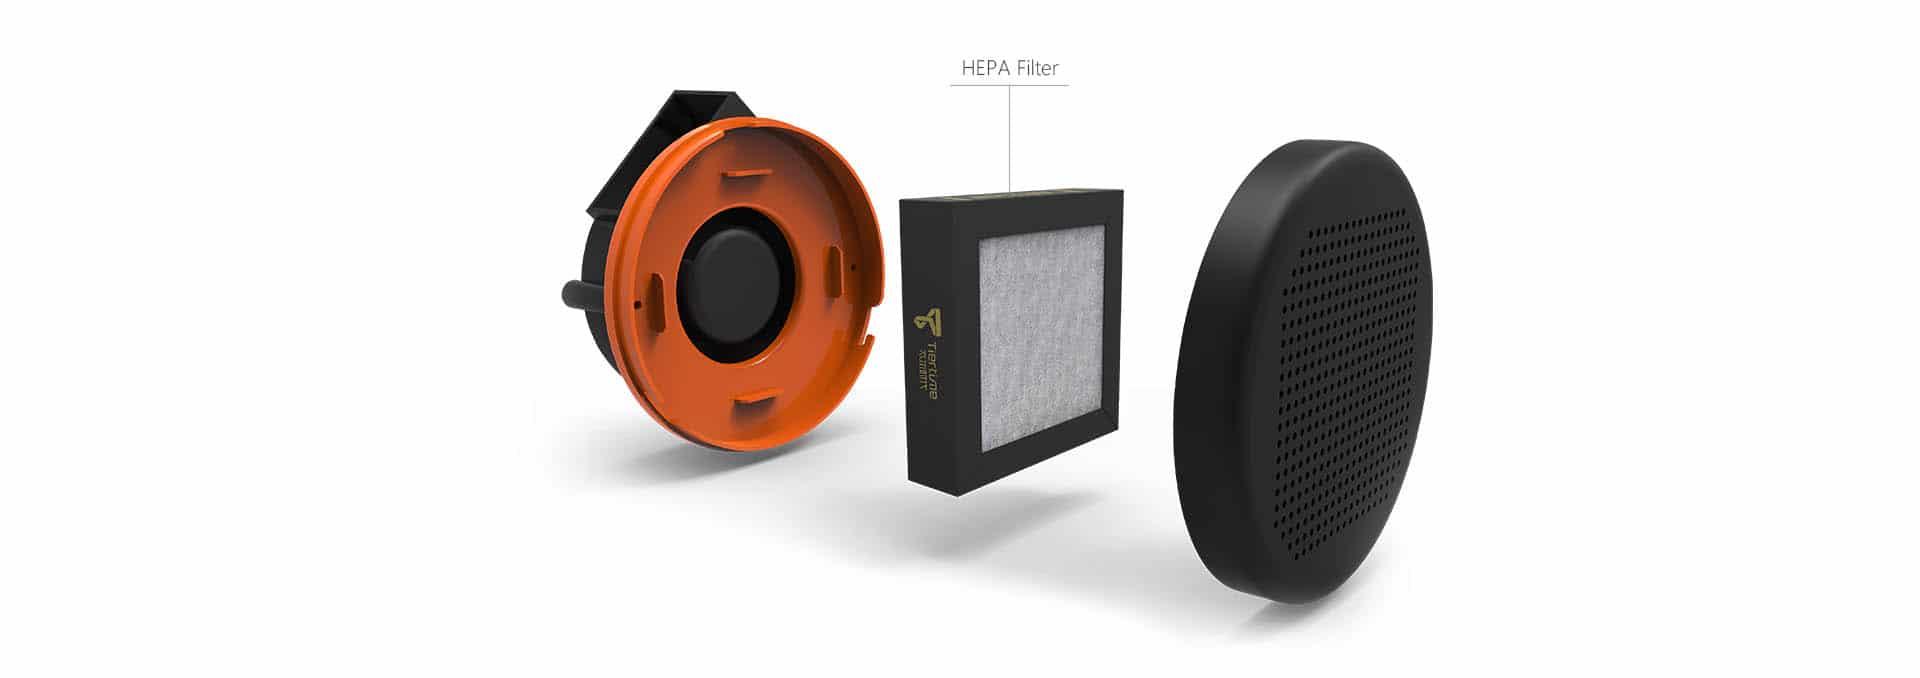 smart HEPA filtration system for safer 3D printing, includes active carbon filter